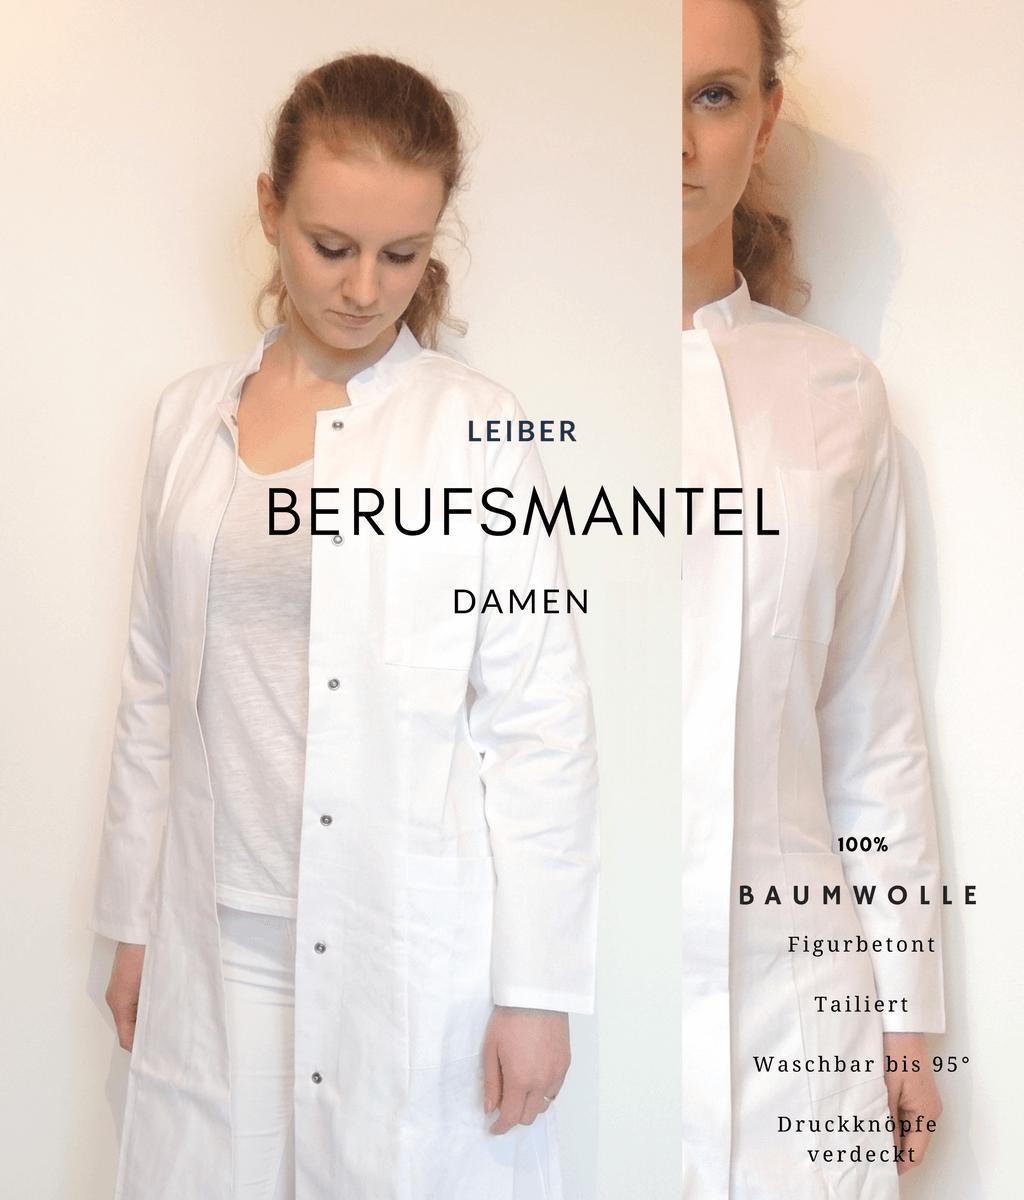 Leiber-Visitenkittel Damen Tailliert Laborkittel Baumwolle